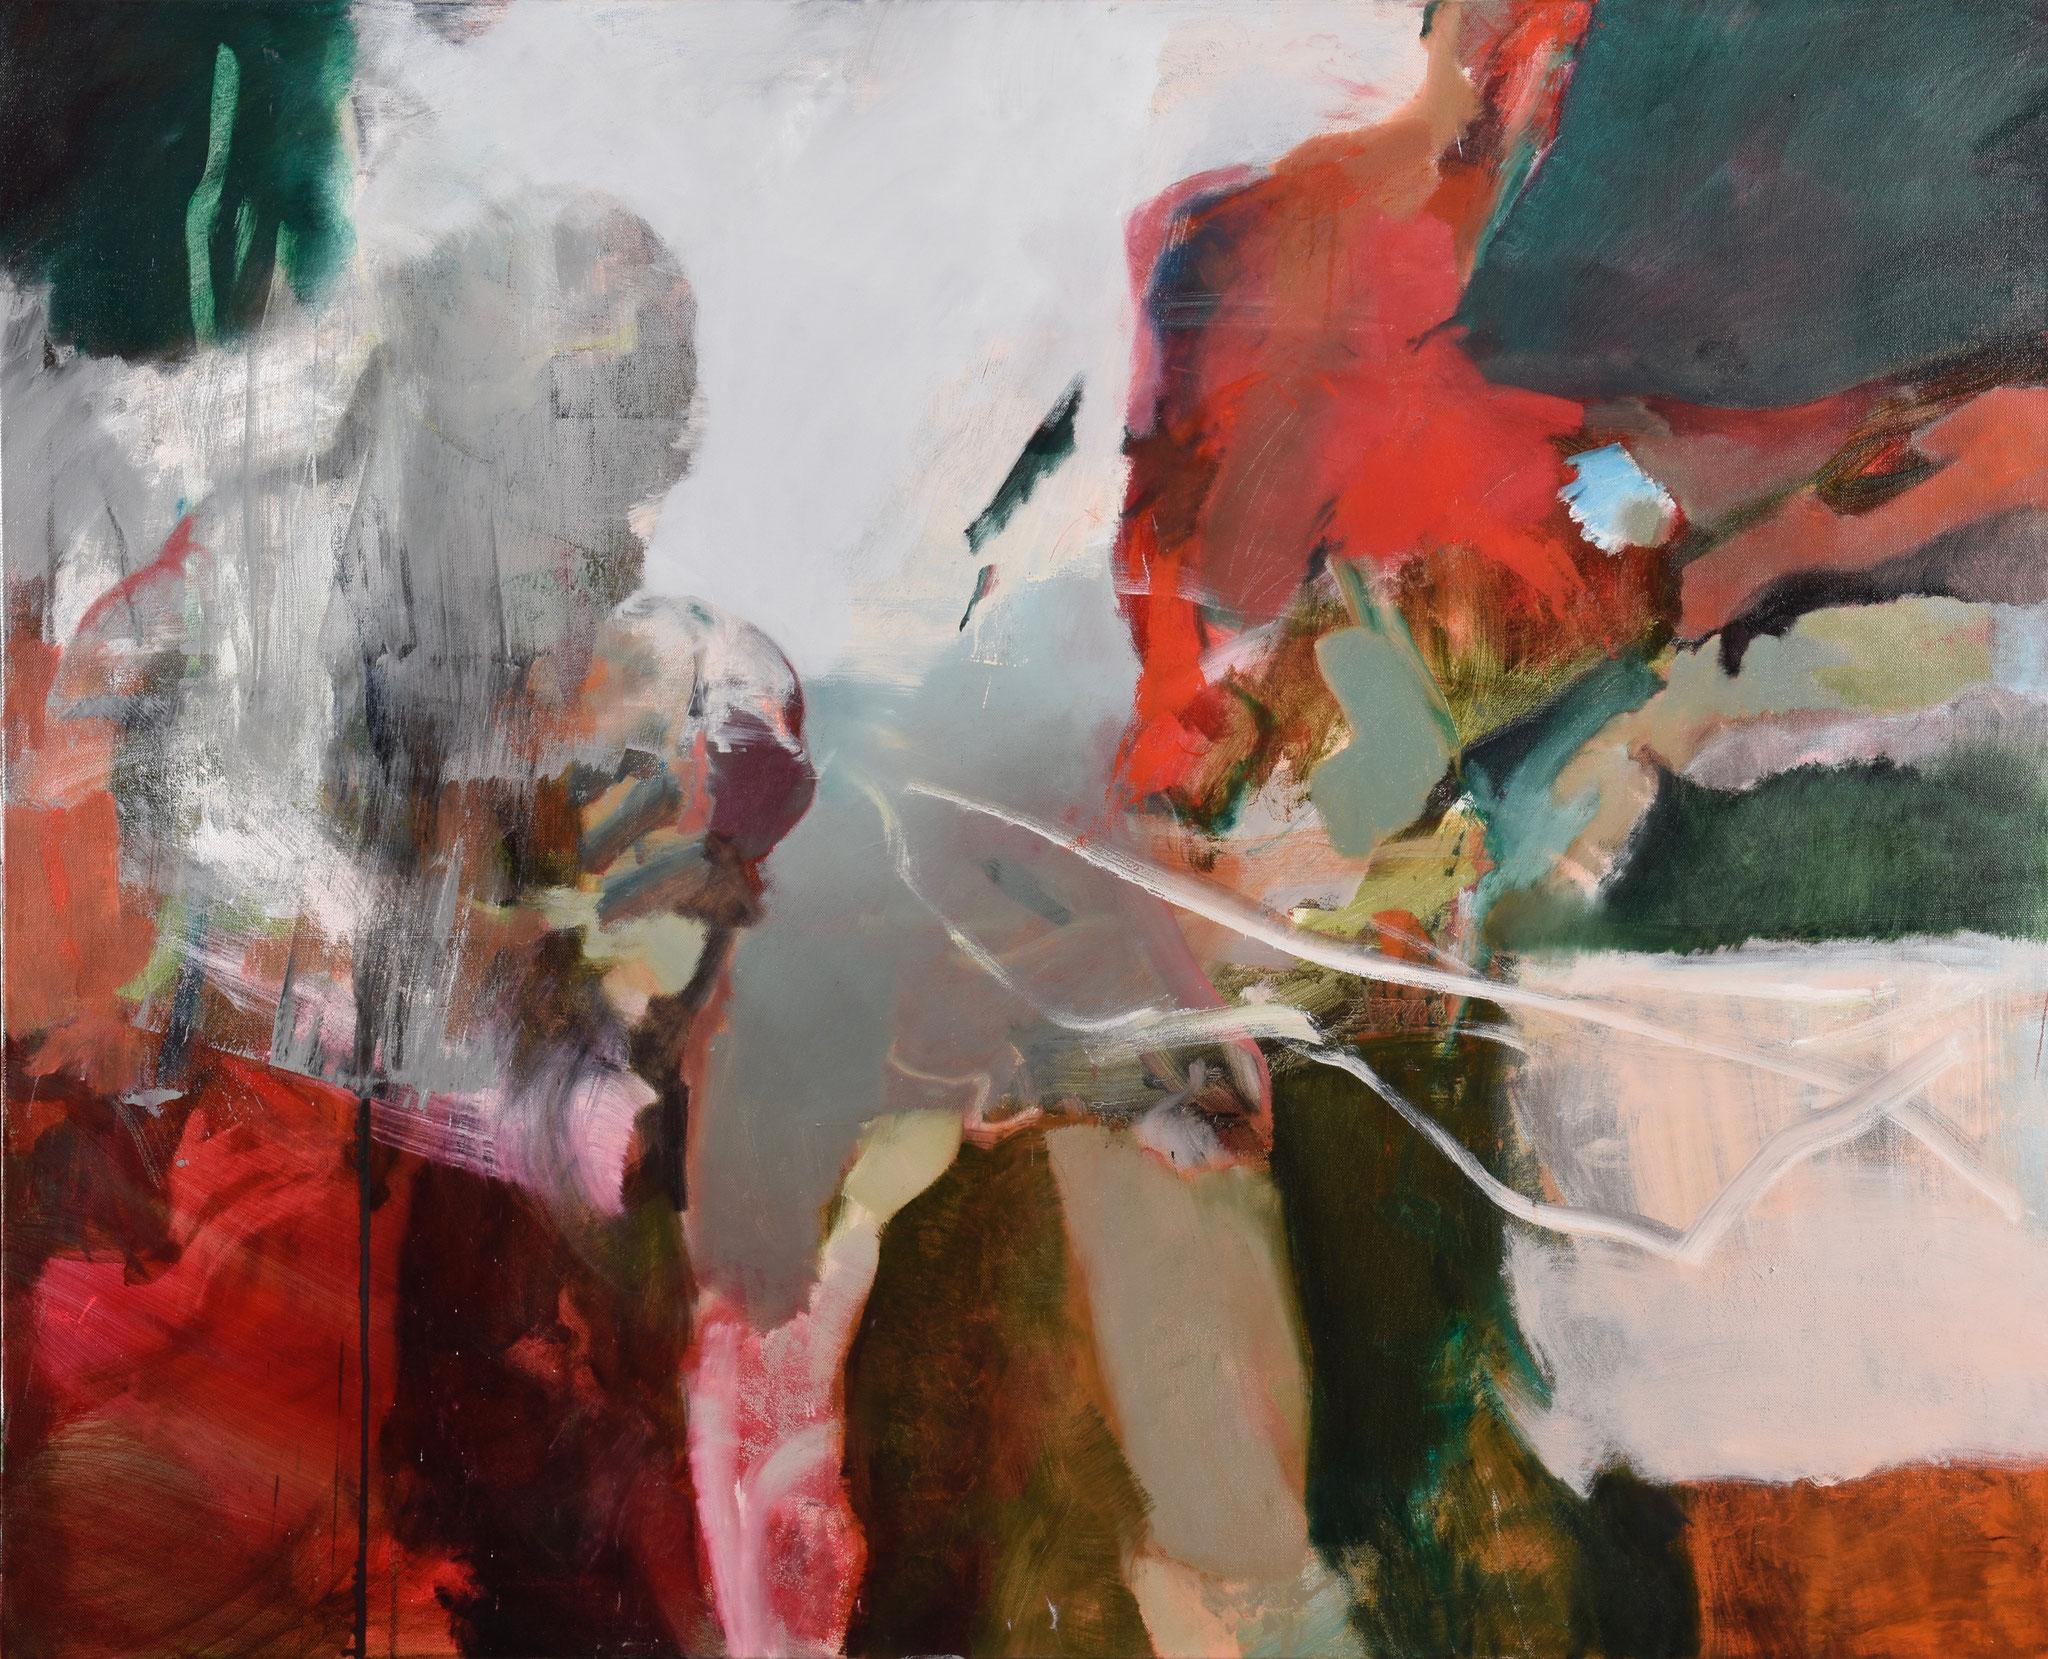 58  |  Ohne Titel  |  2018  |  Öl auf Leinwand  |  120 x 140 cm